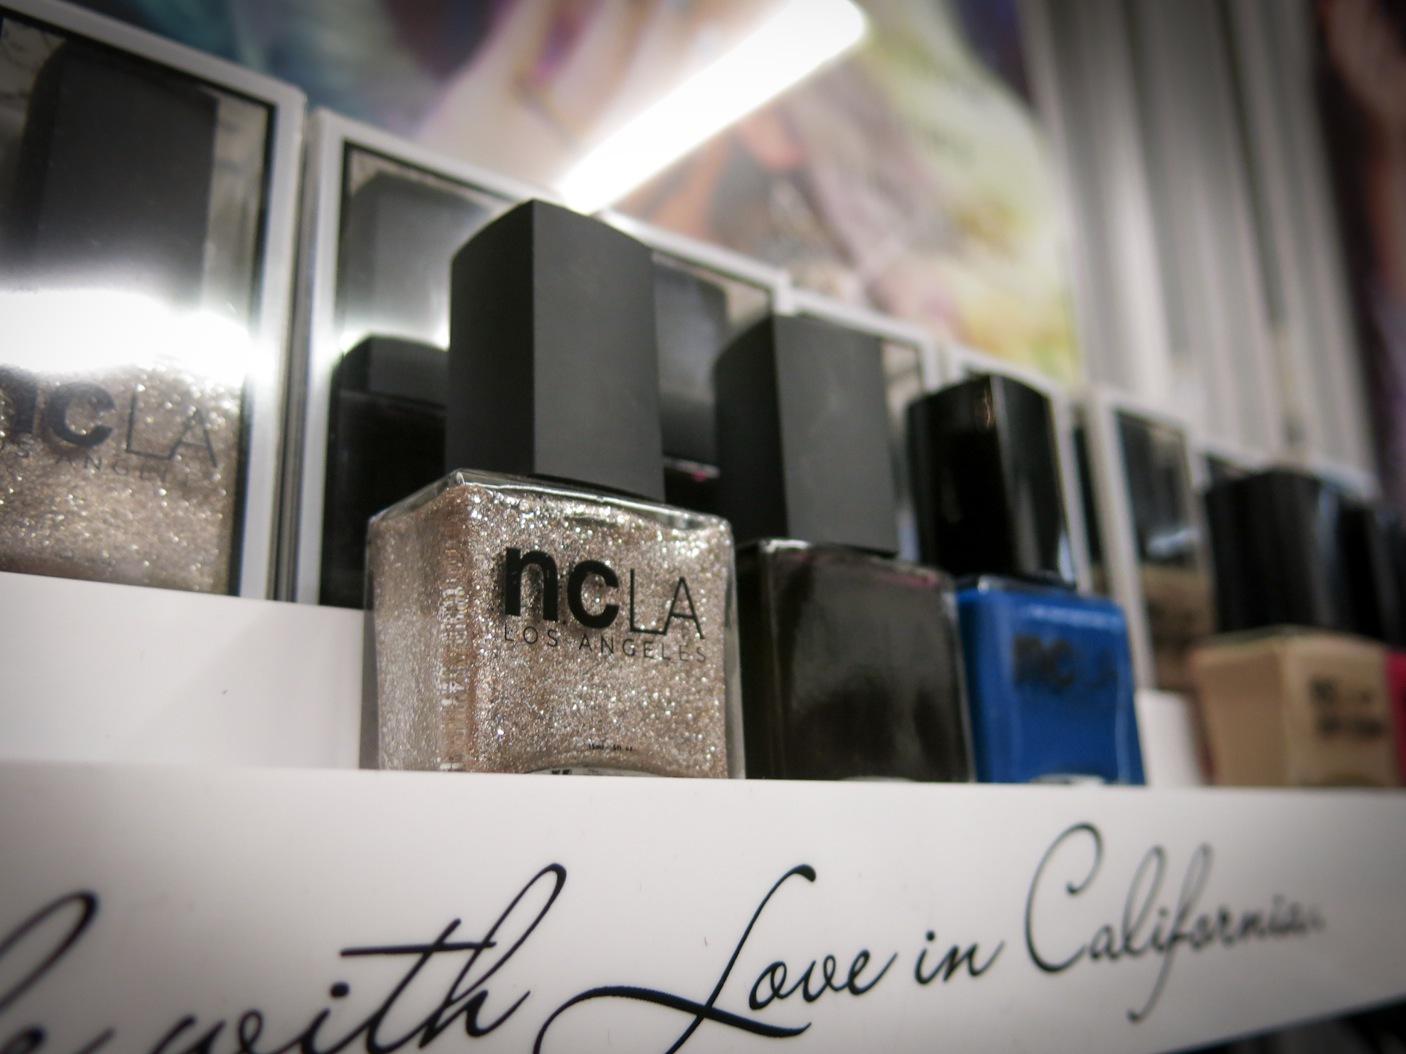 NCLA visade upp sina höstfärger. Den här silverfärgade metalliclacken så man på flera av fartygets tjejer under discokulan senare på kvällen. 5-free förstås